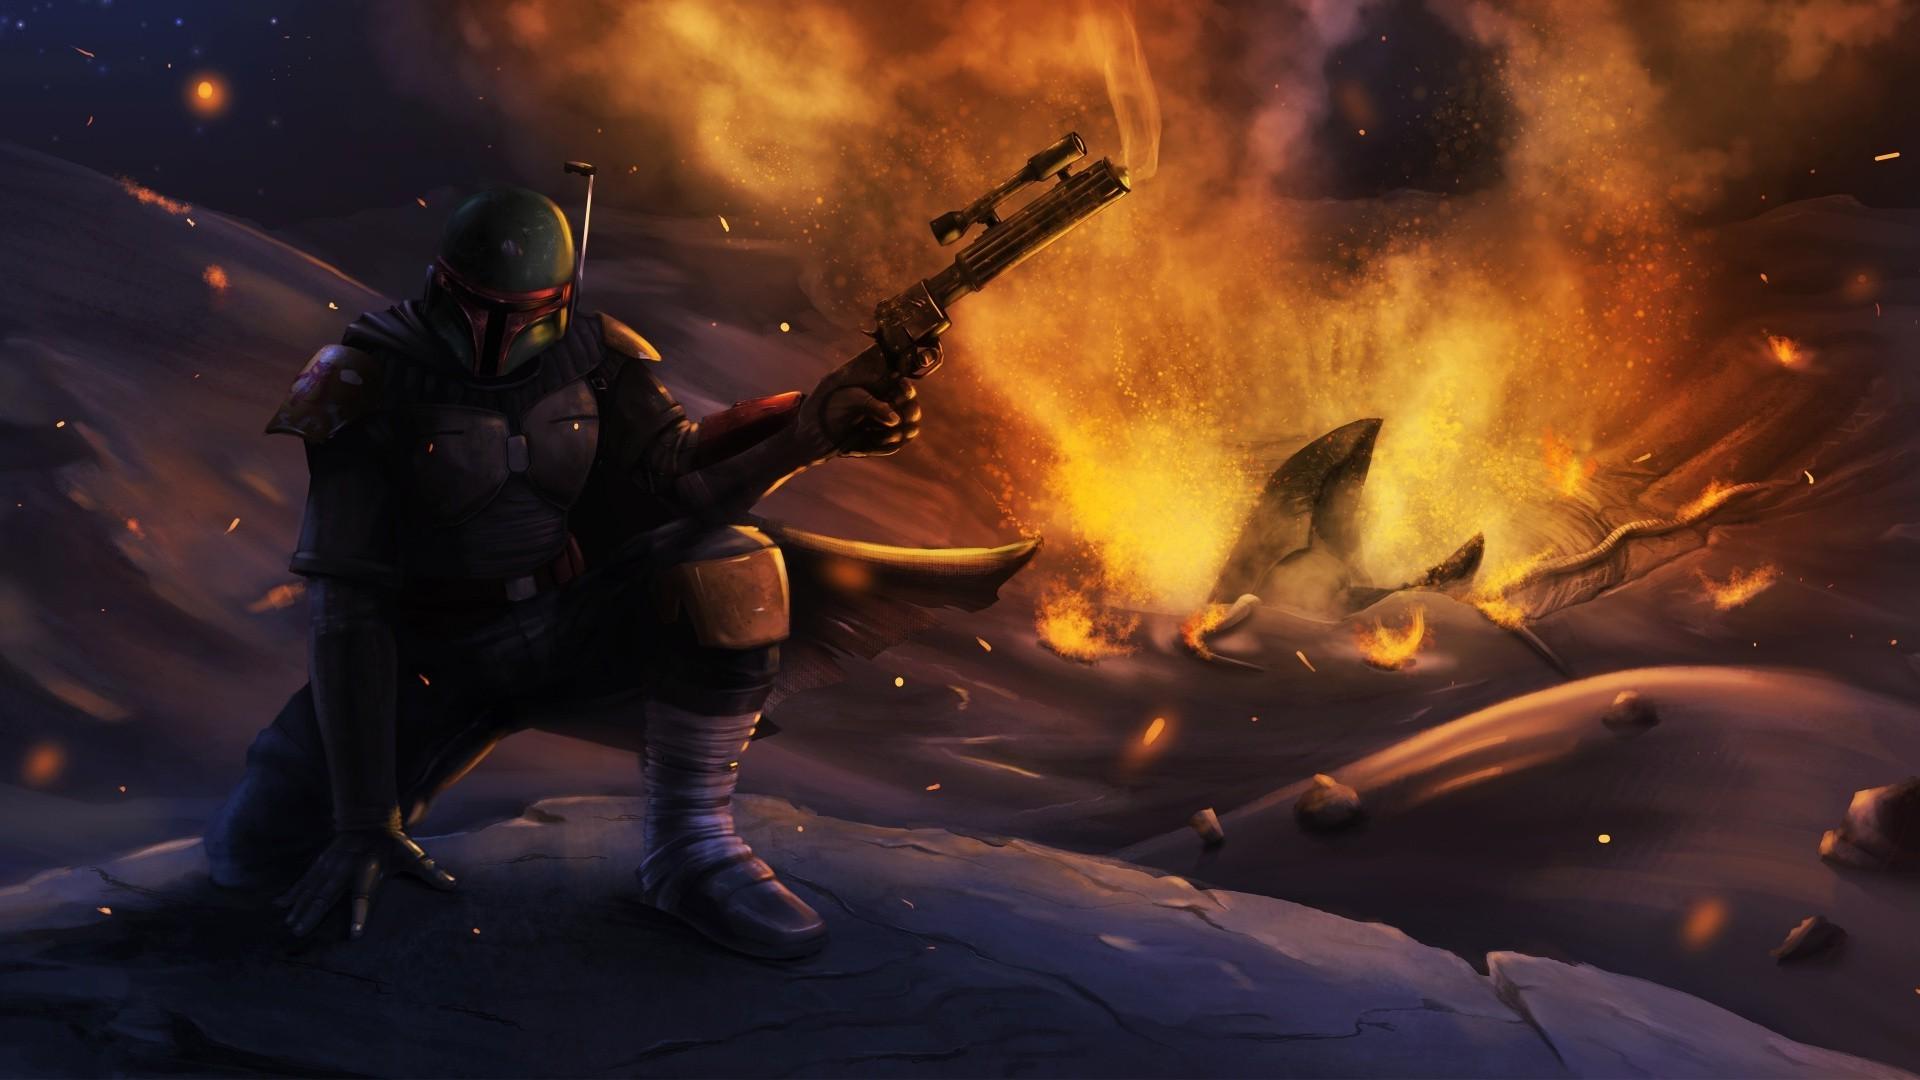 Wallpaper Star Wars Artwork Science Fiction Concept Art Boba Fett Darkness Screenshot 1920x1080 Px Computer Wallpaper Pc Game 1920x1080 Wallhaven 628581 Hd Wallpapers Wallhere